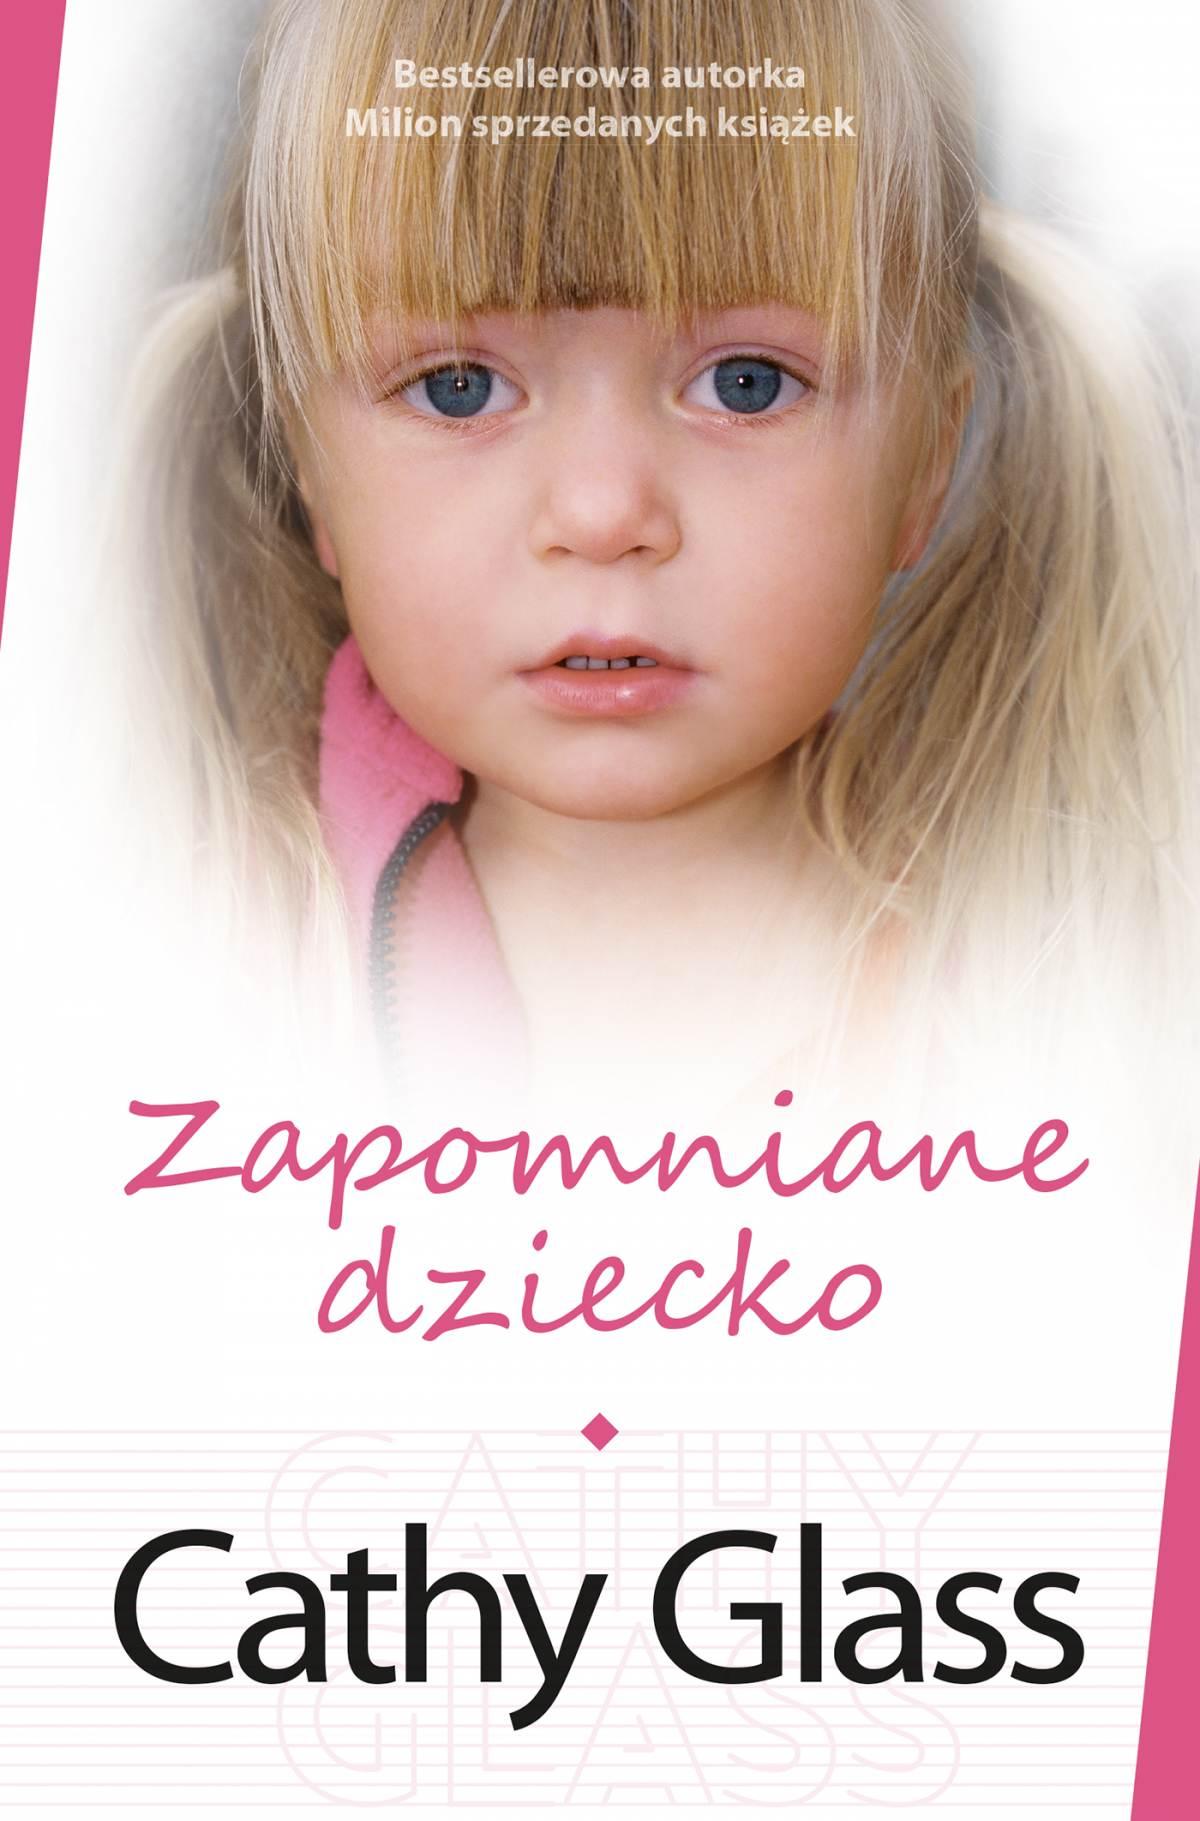 Zapomniane dziecko - Ebook (Książka EPUB) do pobrania w formacie EPUB